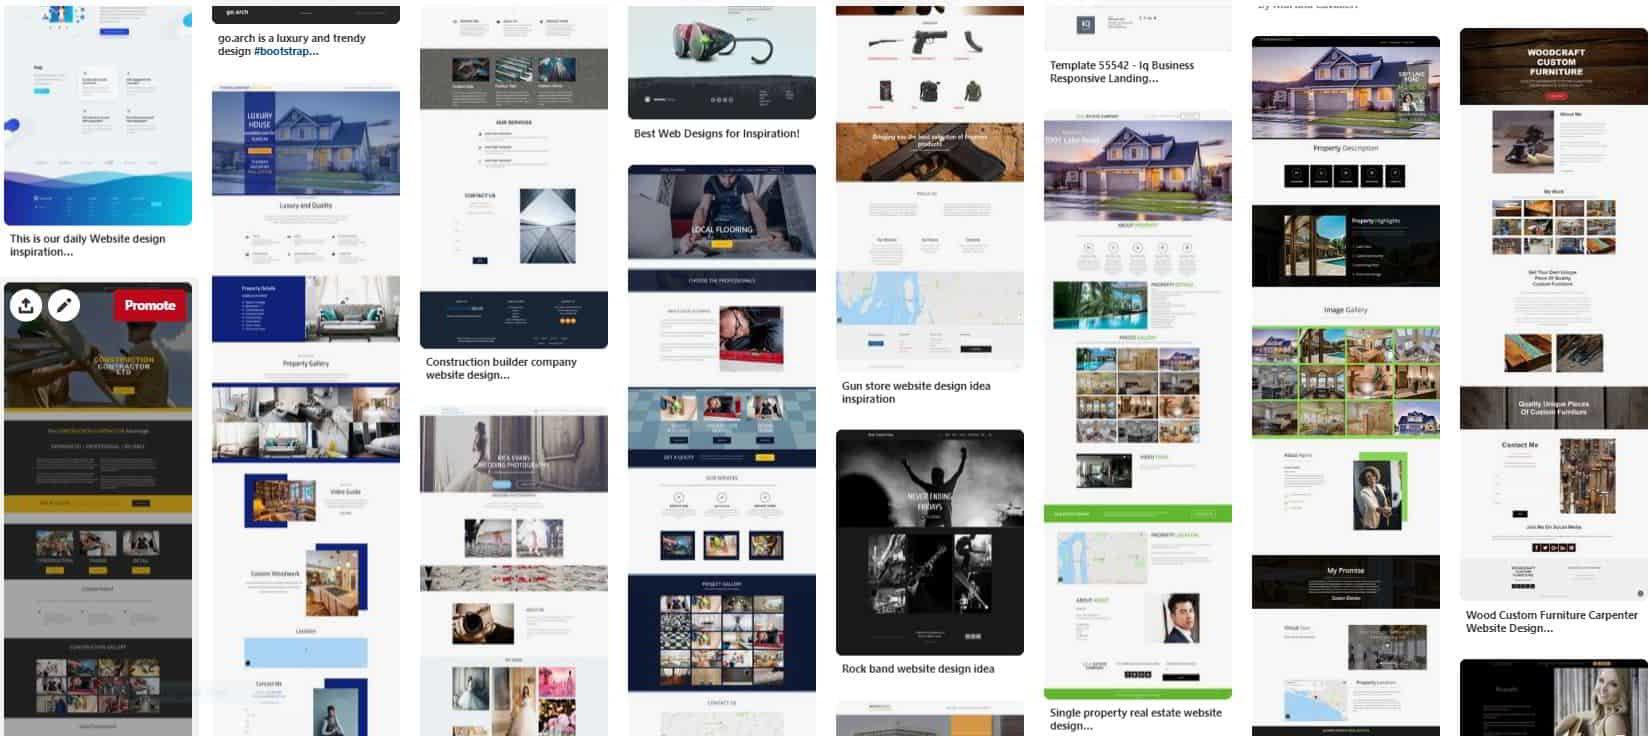 How To Get Ideas For Website Design